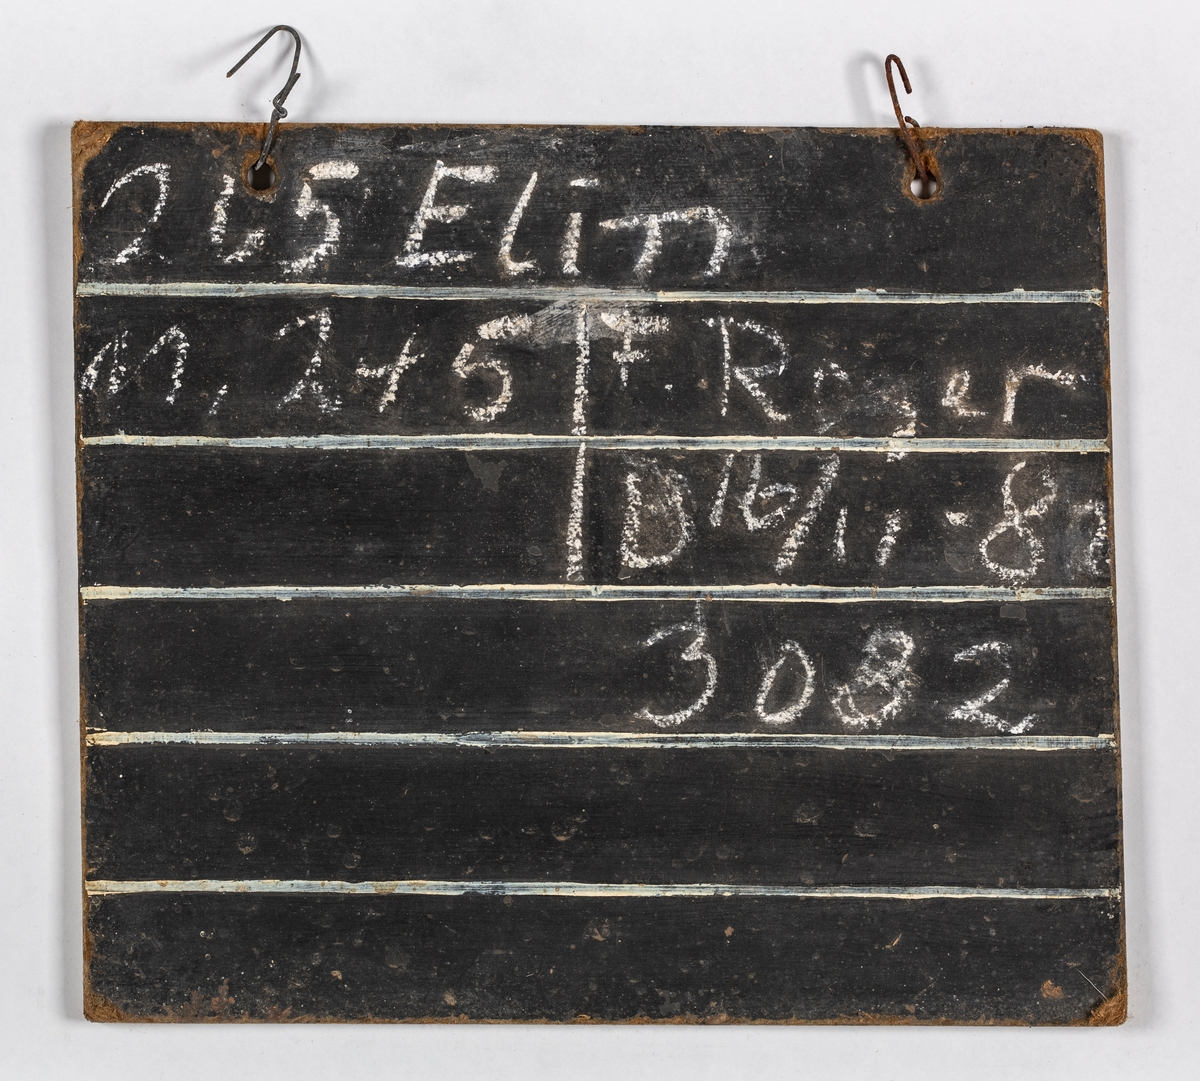 Skiltet er ferdig inndelt i felt. Det påføres nummer, navn og fødselsdato på ku,  far og mor og datoer for kalving og bedekking. Skiltet  er et rektangulært stykke huntonitt, malt med svart på begge siden. Bokstaver, linjer og ruter er påført med hvit strek. Det har blitt skrevet med kritt, som er lett å ta vekk. Skiltet har to hull i øvre langside med metallkrampe på, til oppheng i fjøset.